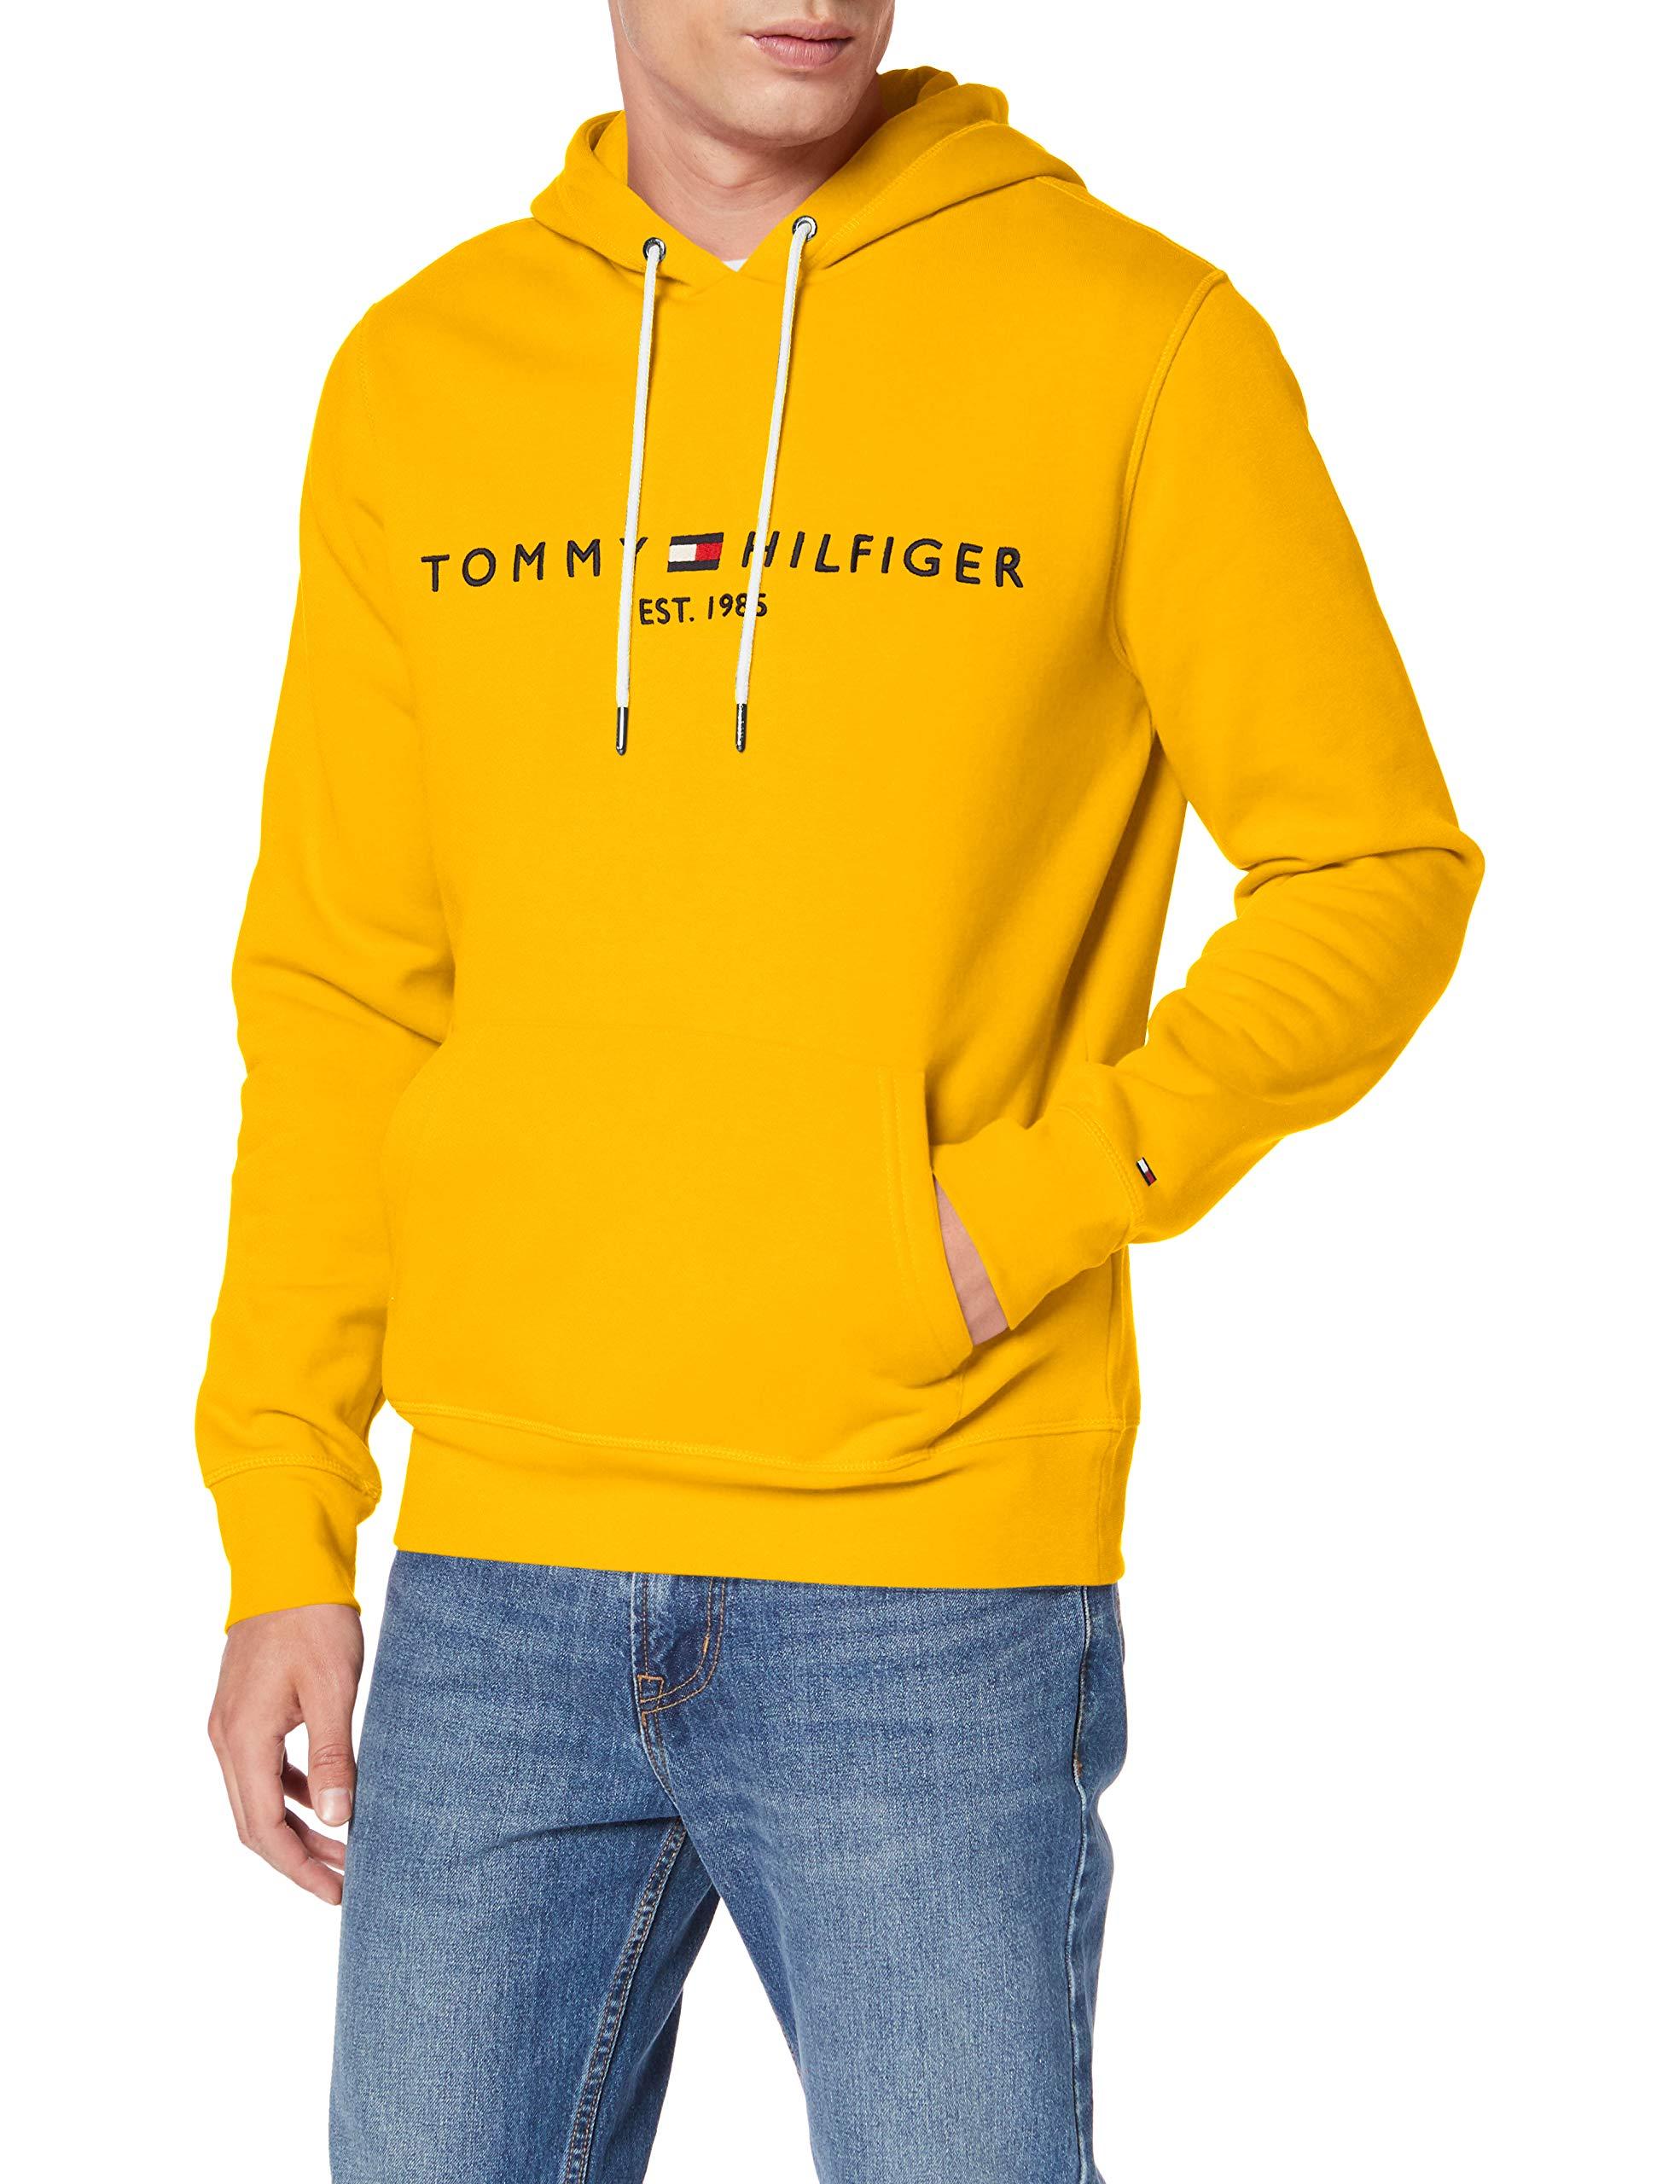 tommy hilfiger hoodie gelb